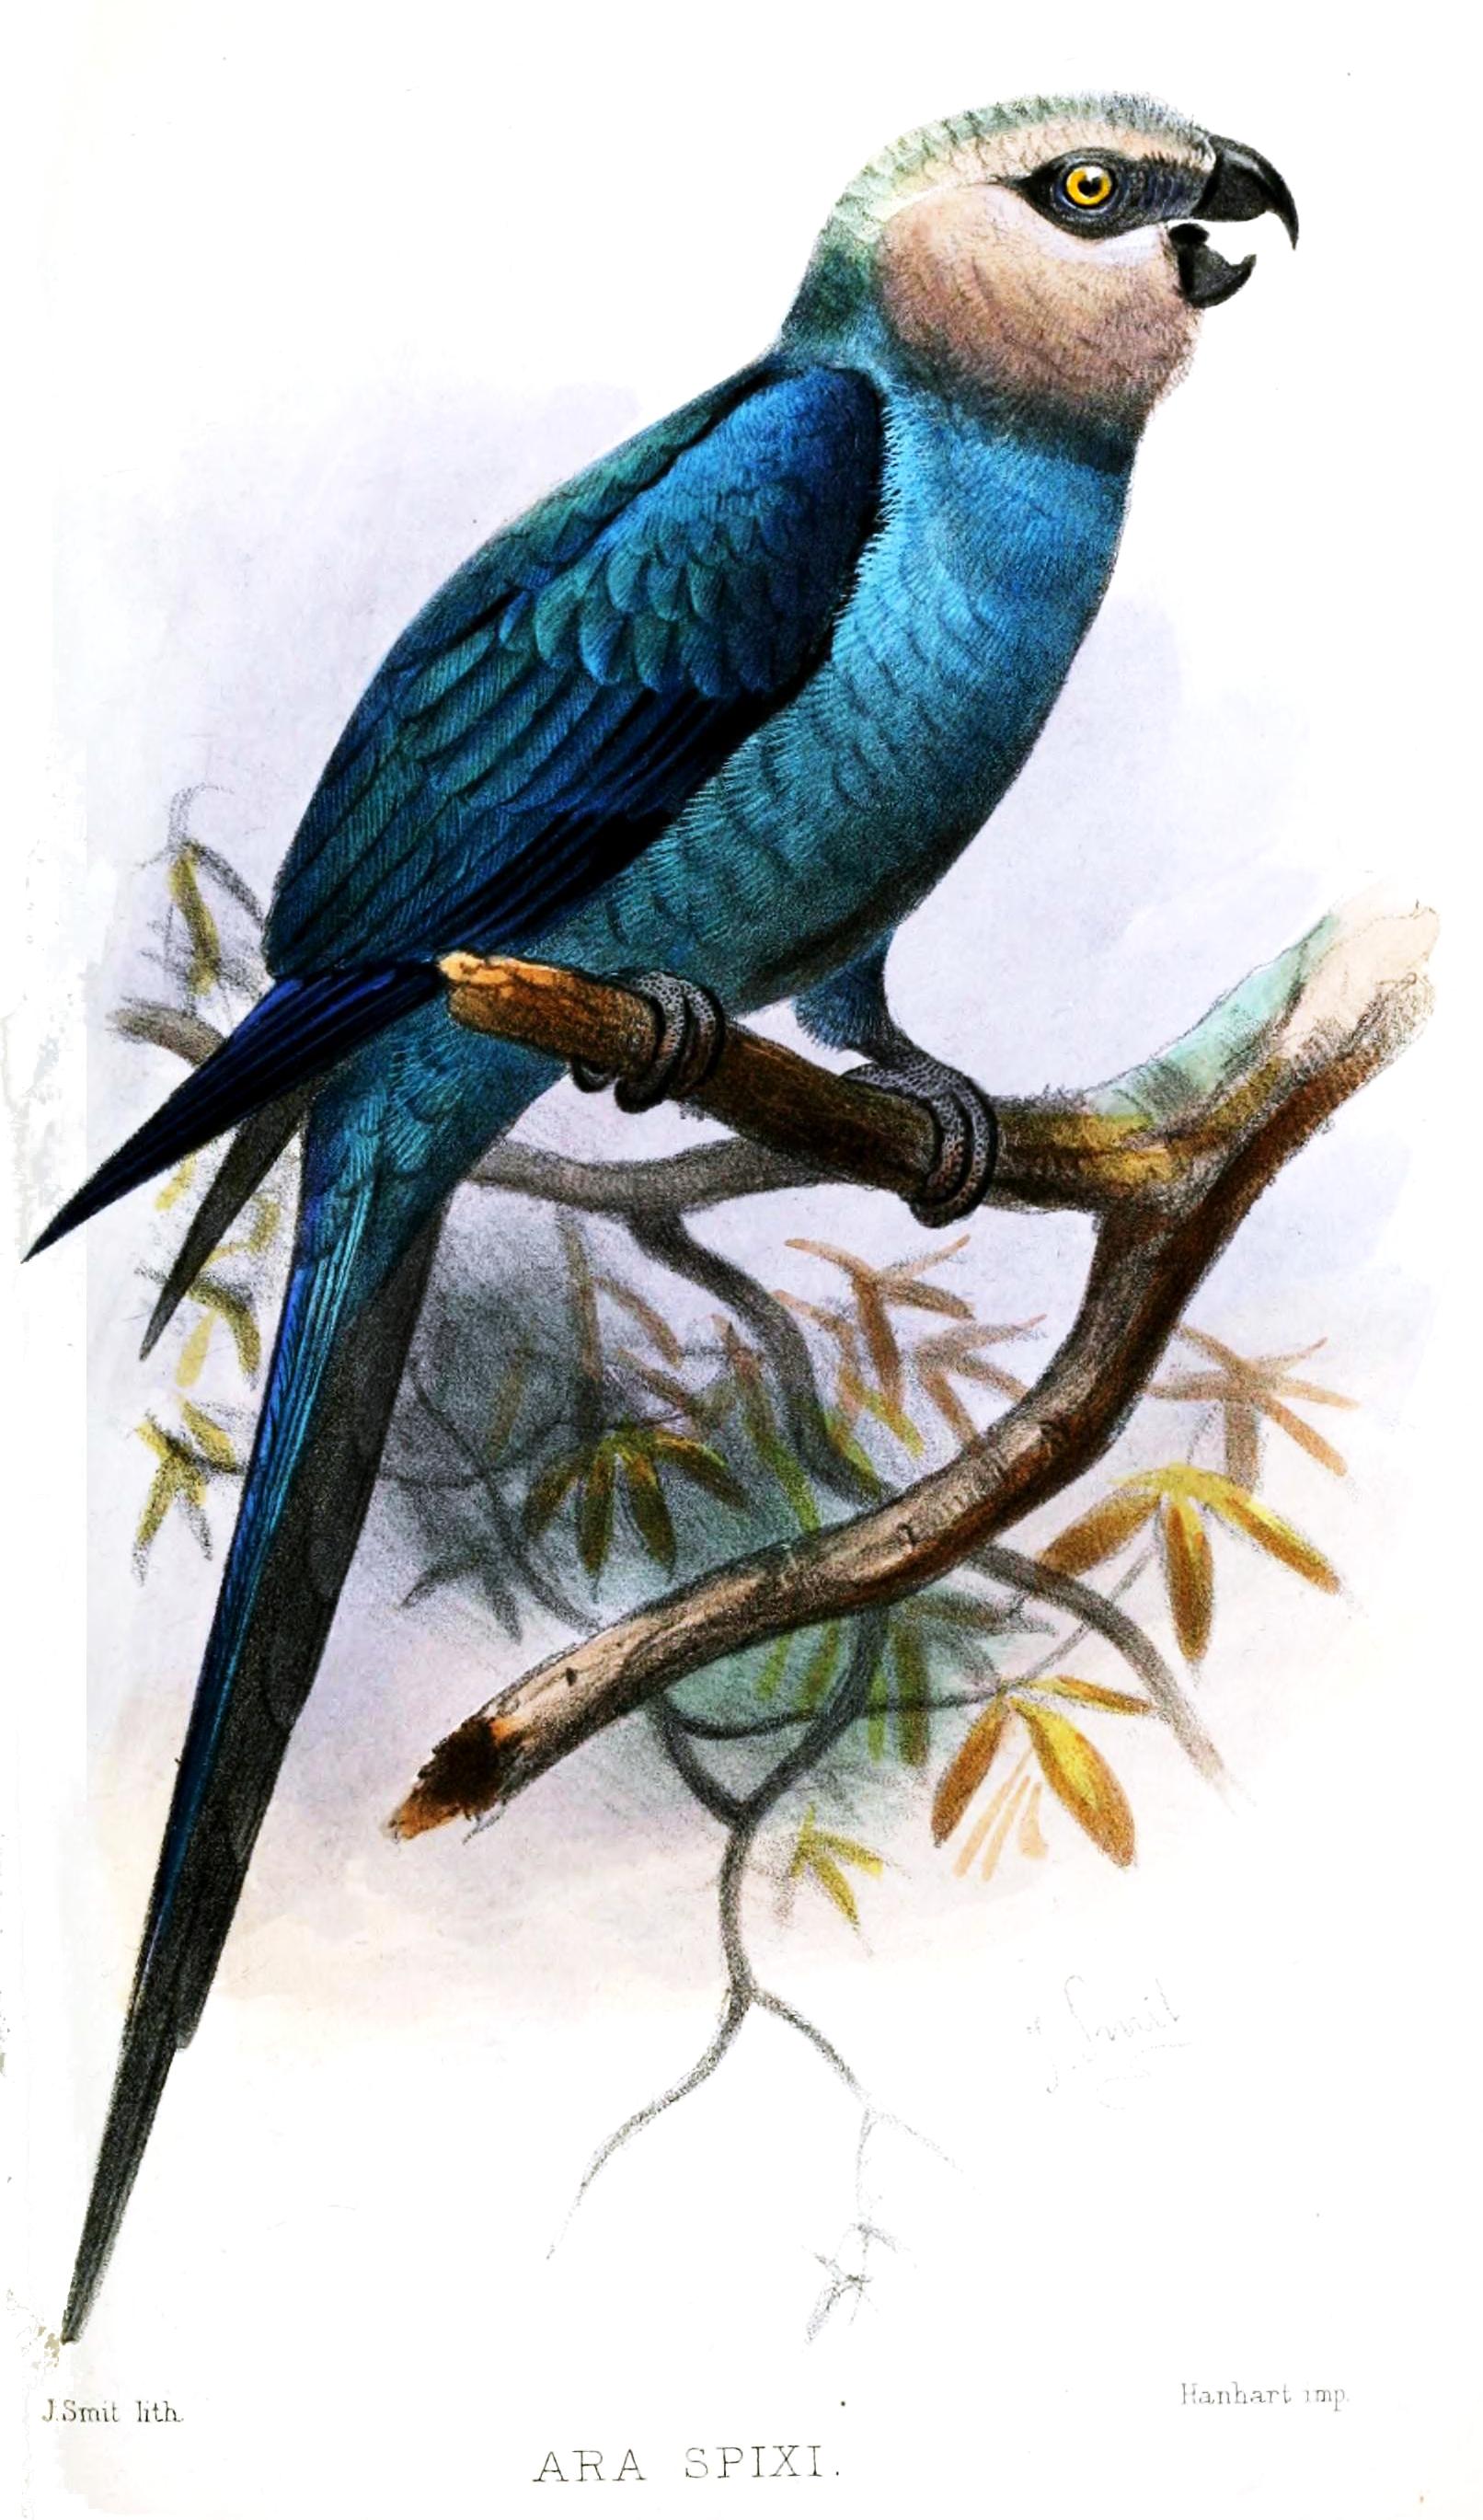 Spix's Macaw wallpaper